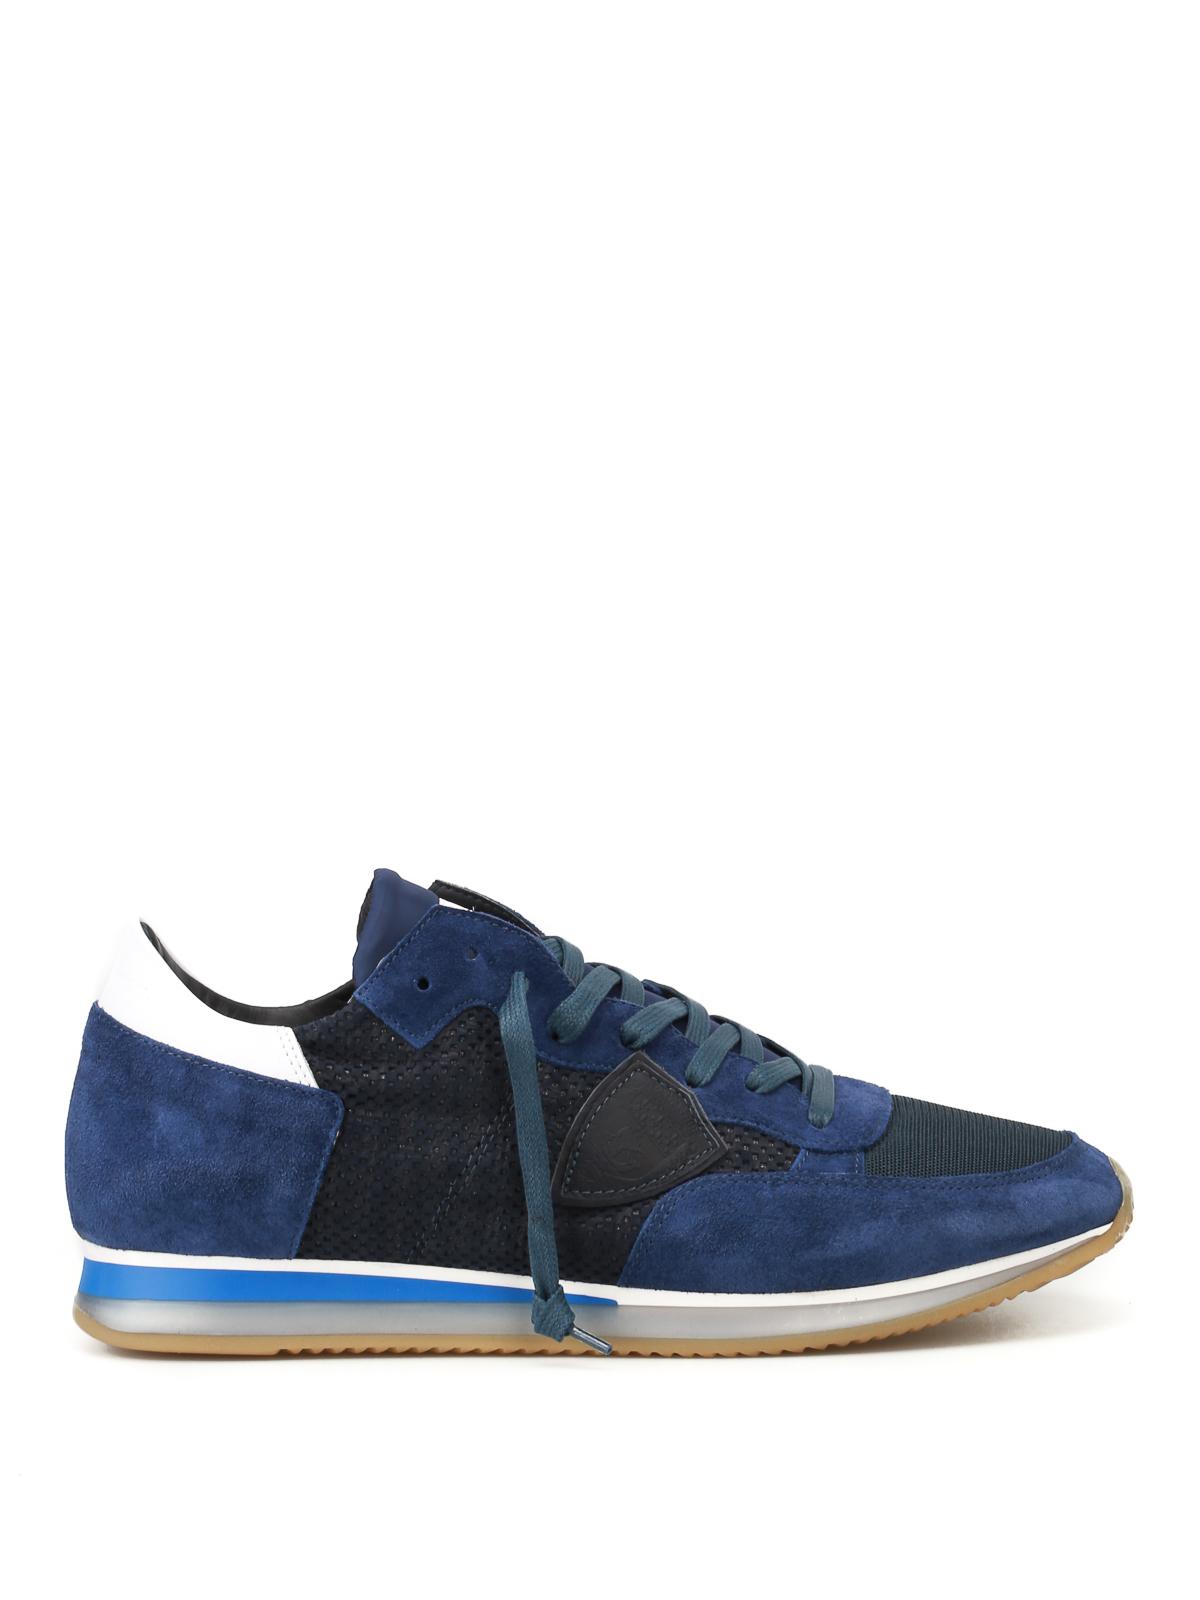 Chaussures baskets sneakers femme en daim tropez perforé Philippe Model vg63FNiwmX